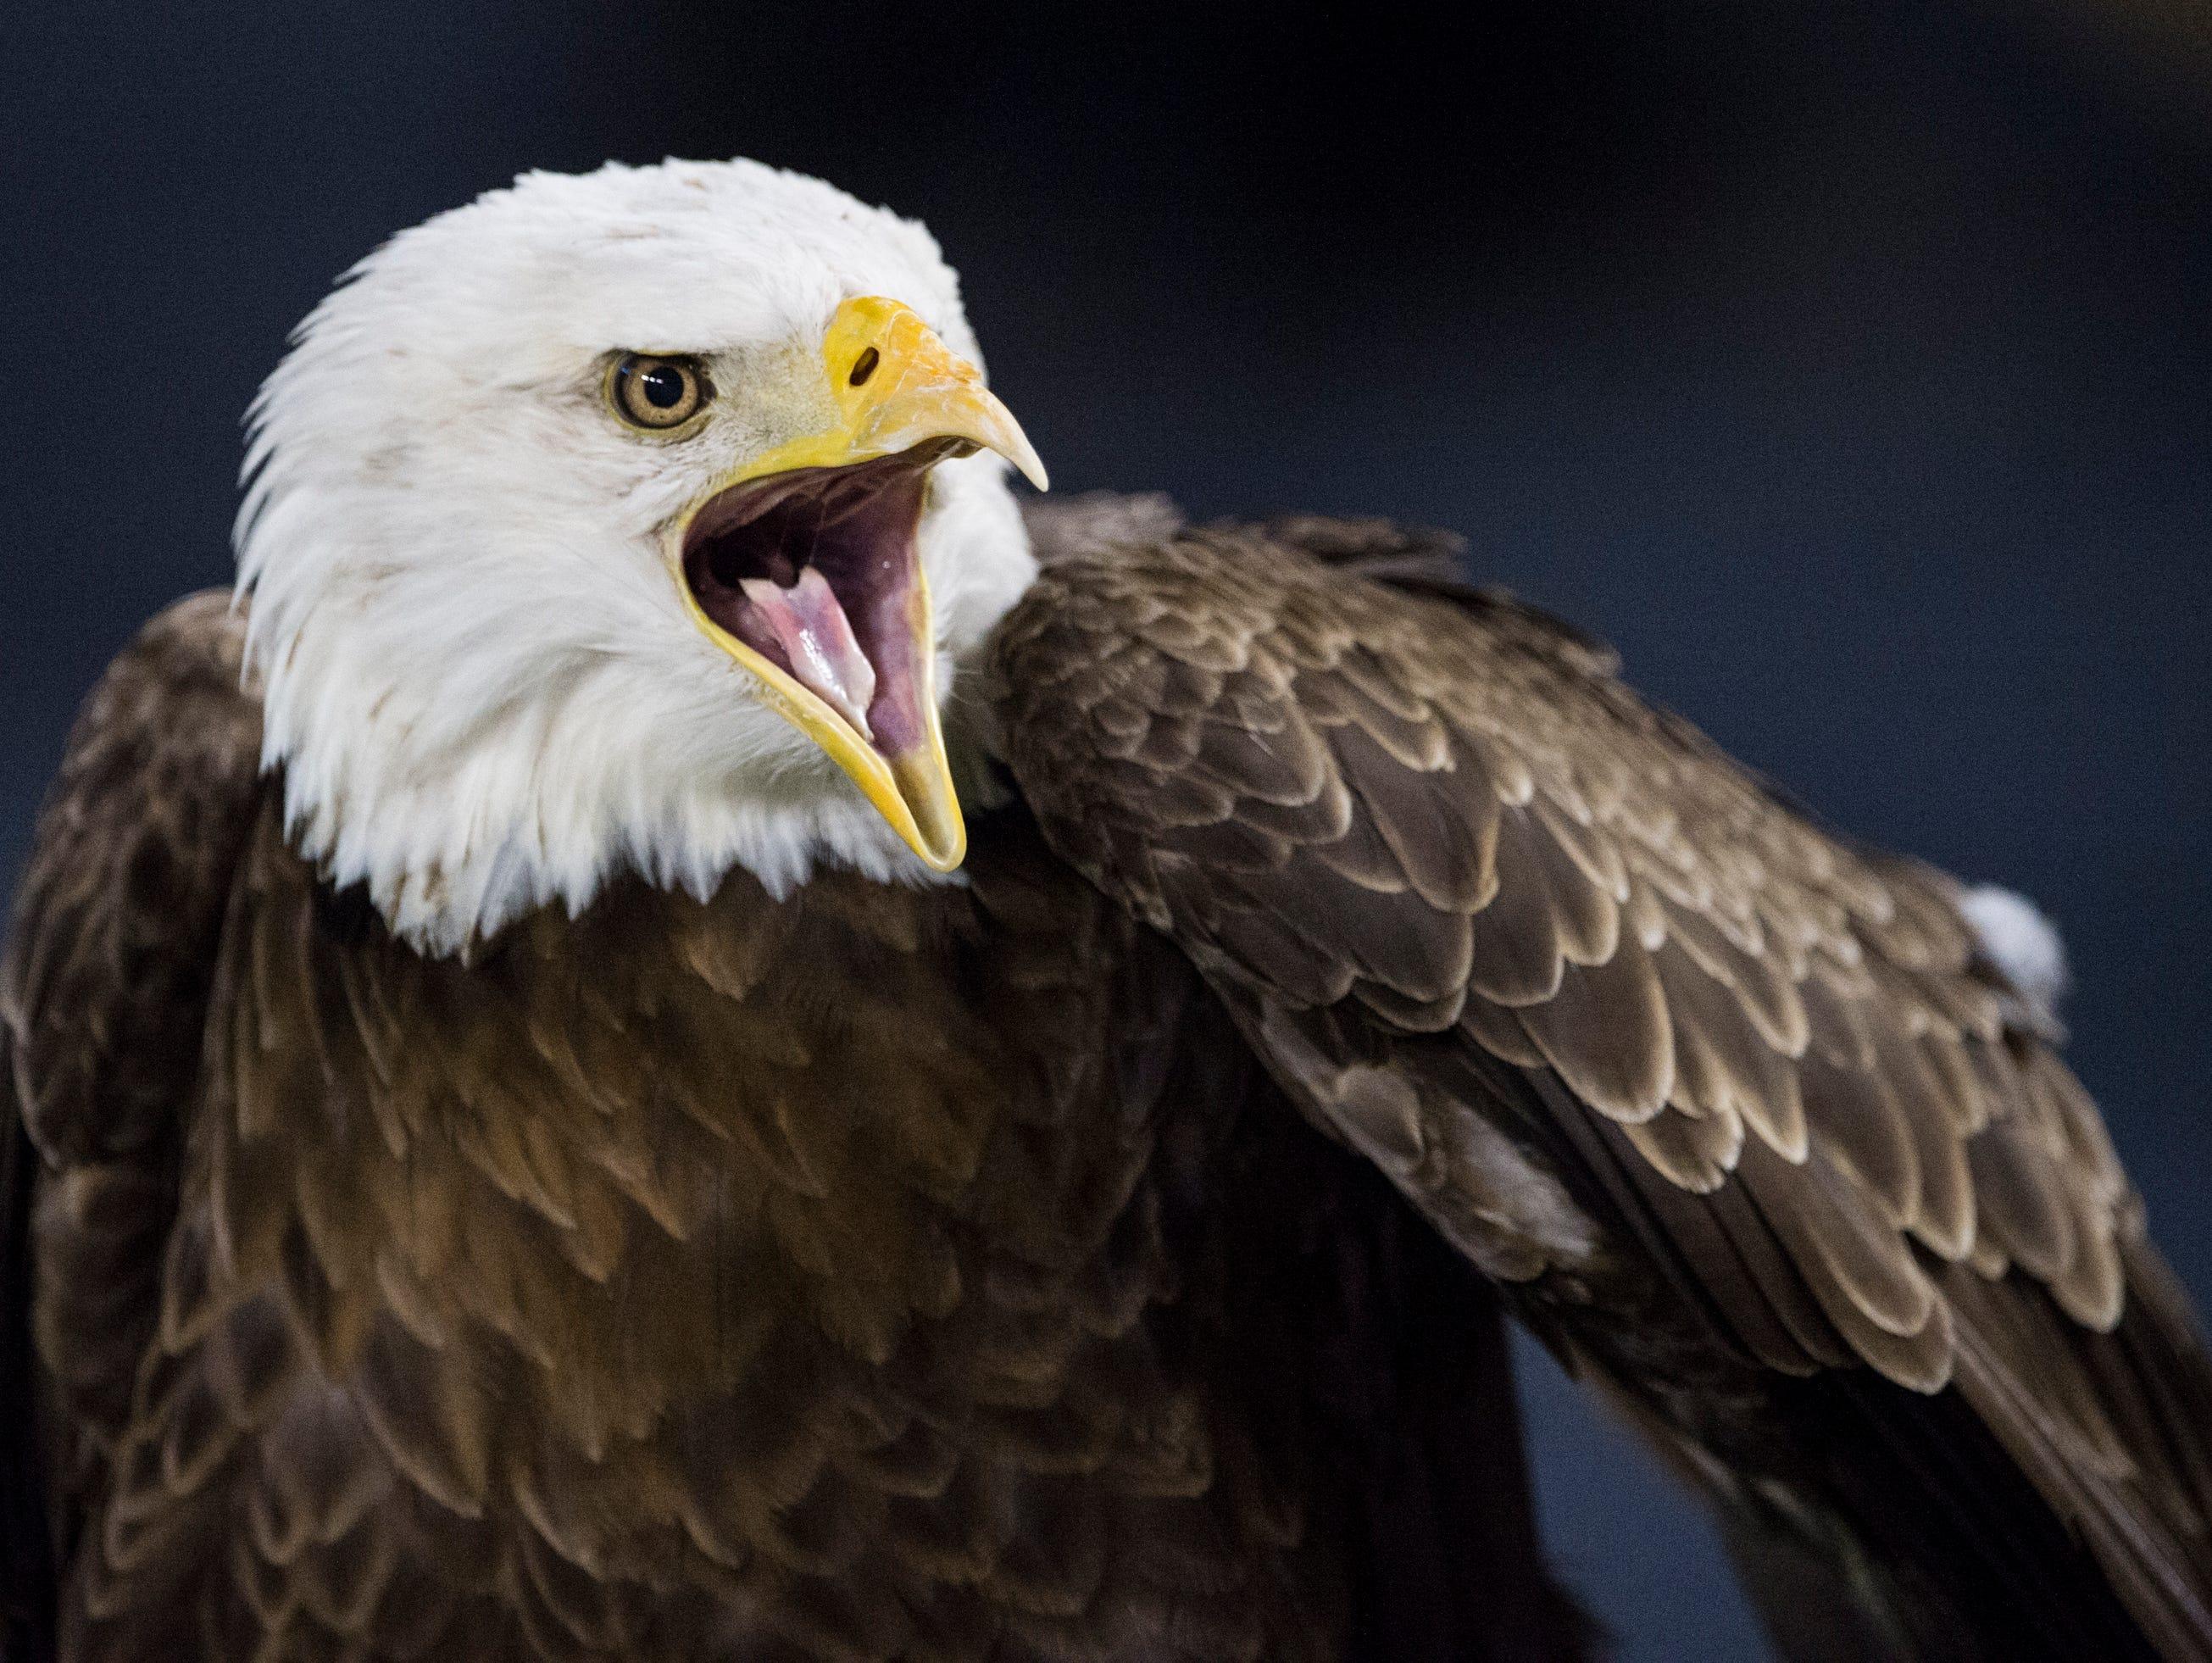 Auburn's War Eagle Spirit chirps on the sideline as he watches Auburn take on Arkansas at Jordan-Hare Stadium in Auburn, Ala., on Saturday, Sept. 21, 2018. Auburn defeated Arkansas 34-3.